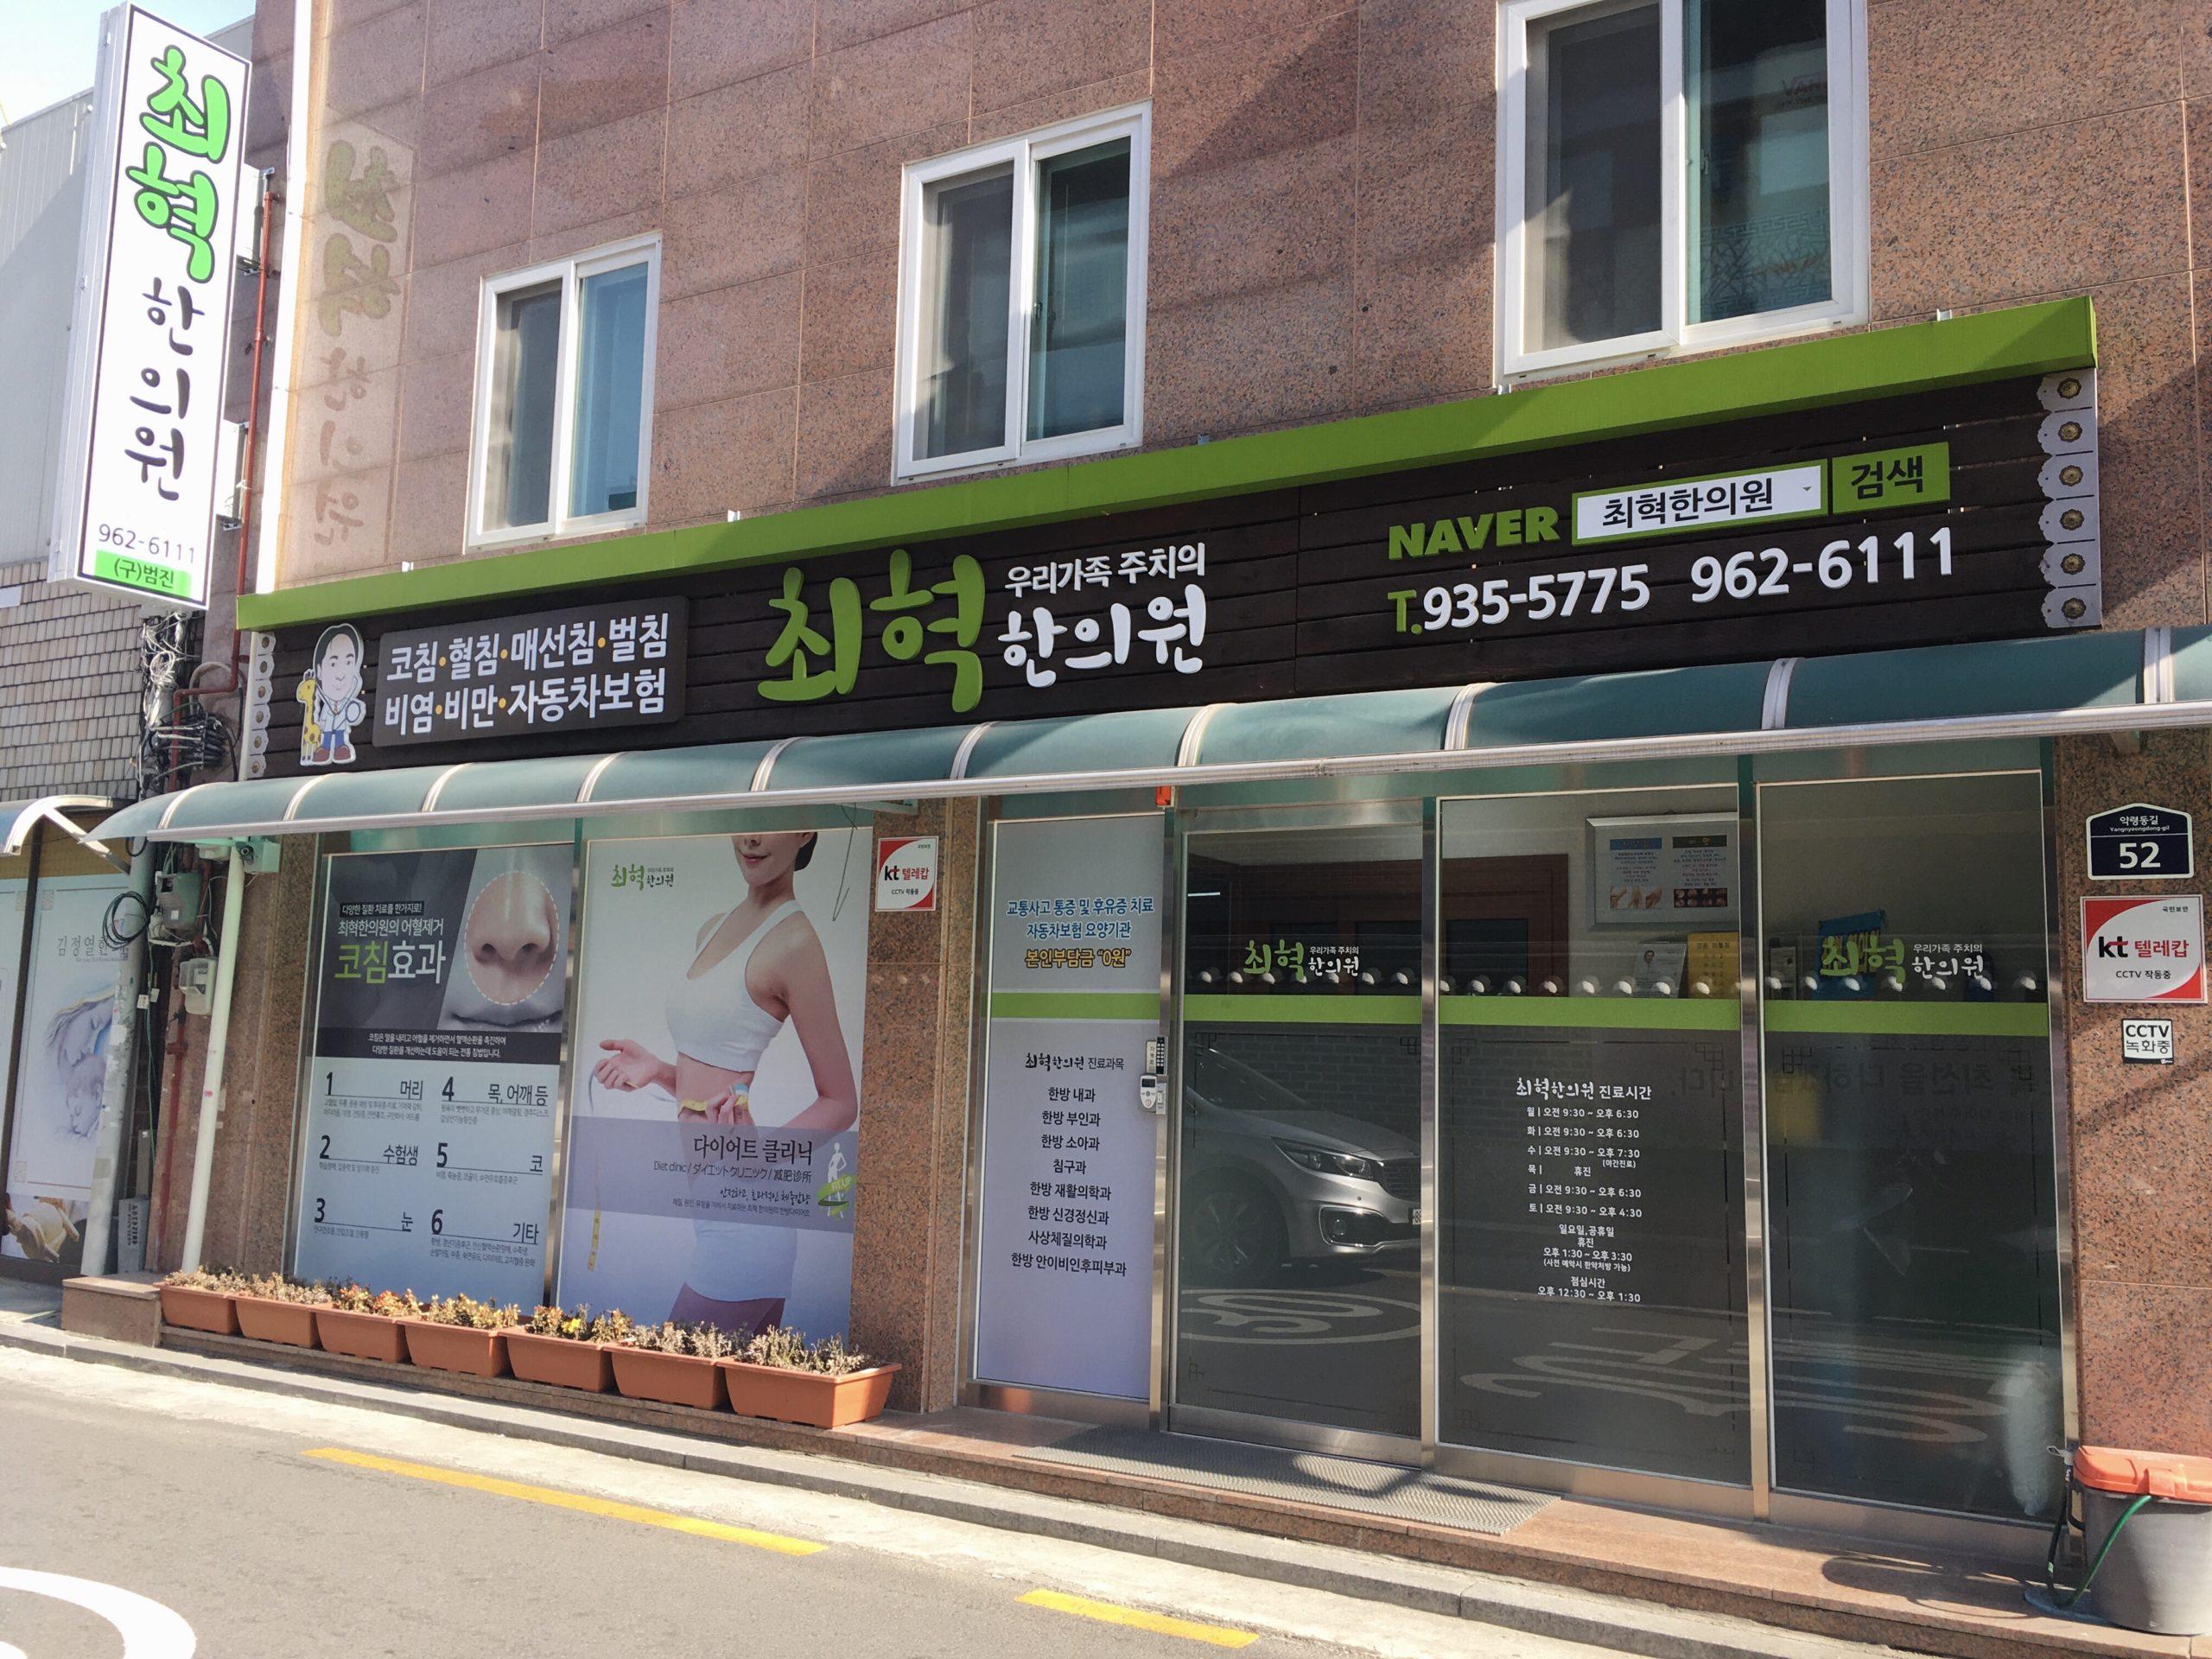 美顔鍼 鼻鍼 チェヒョク韓医院 최혁한의원